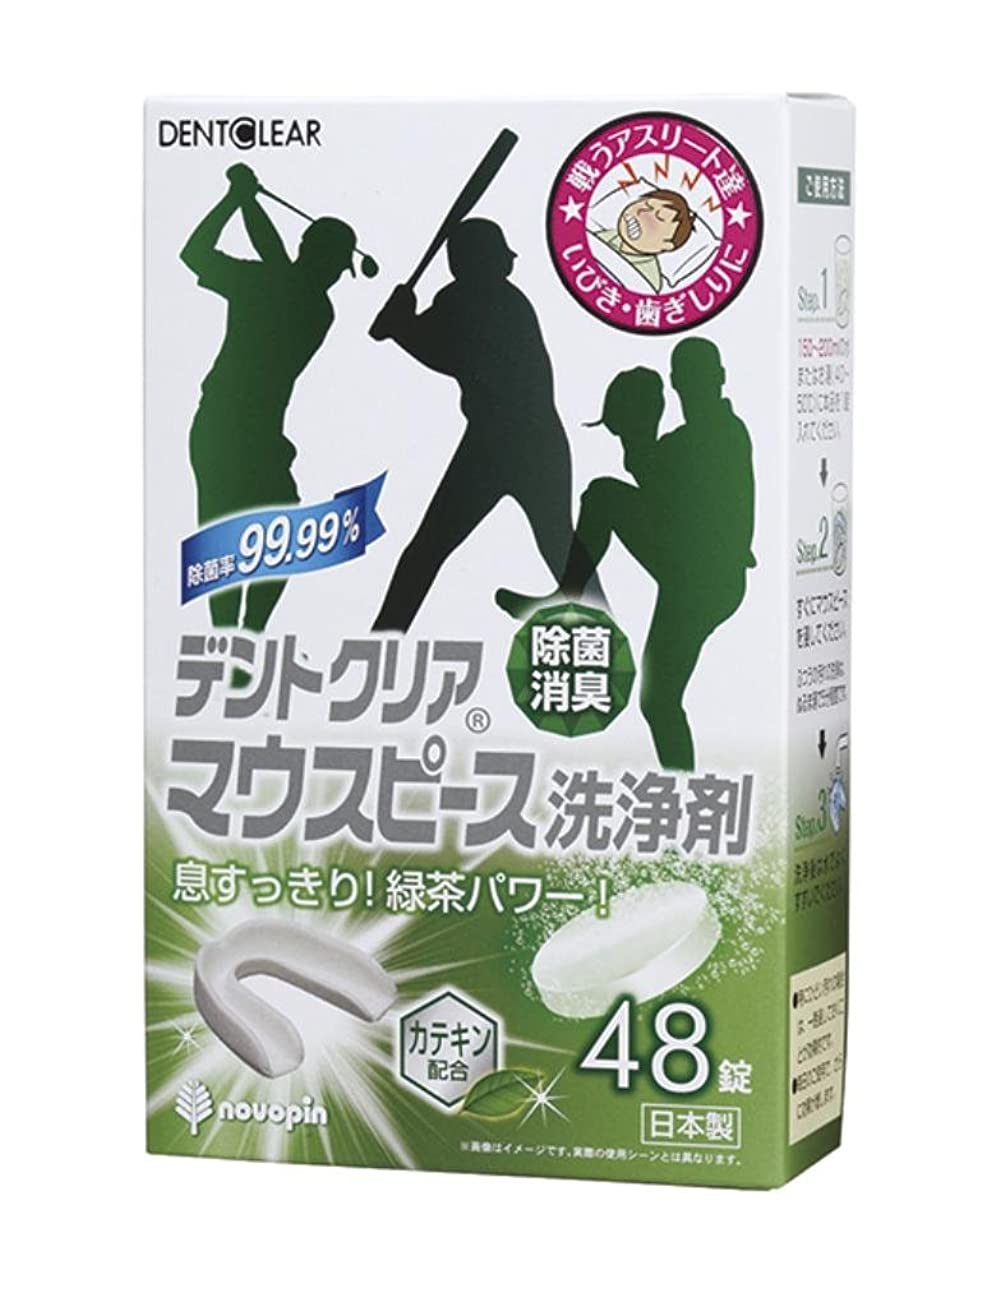 化合物ボトル化合物紀陽除虫菊 デントクリア マウスピース洗浄剤 緑茶の香り 48錠【まとめ買い6個セット】 K-7036